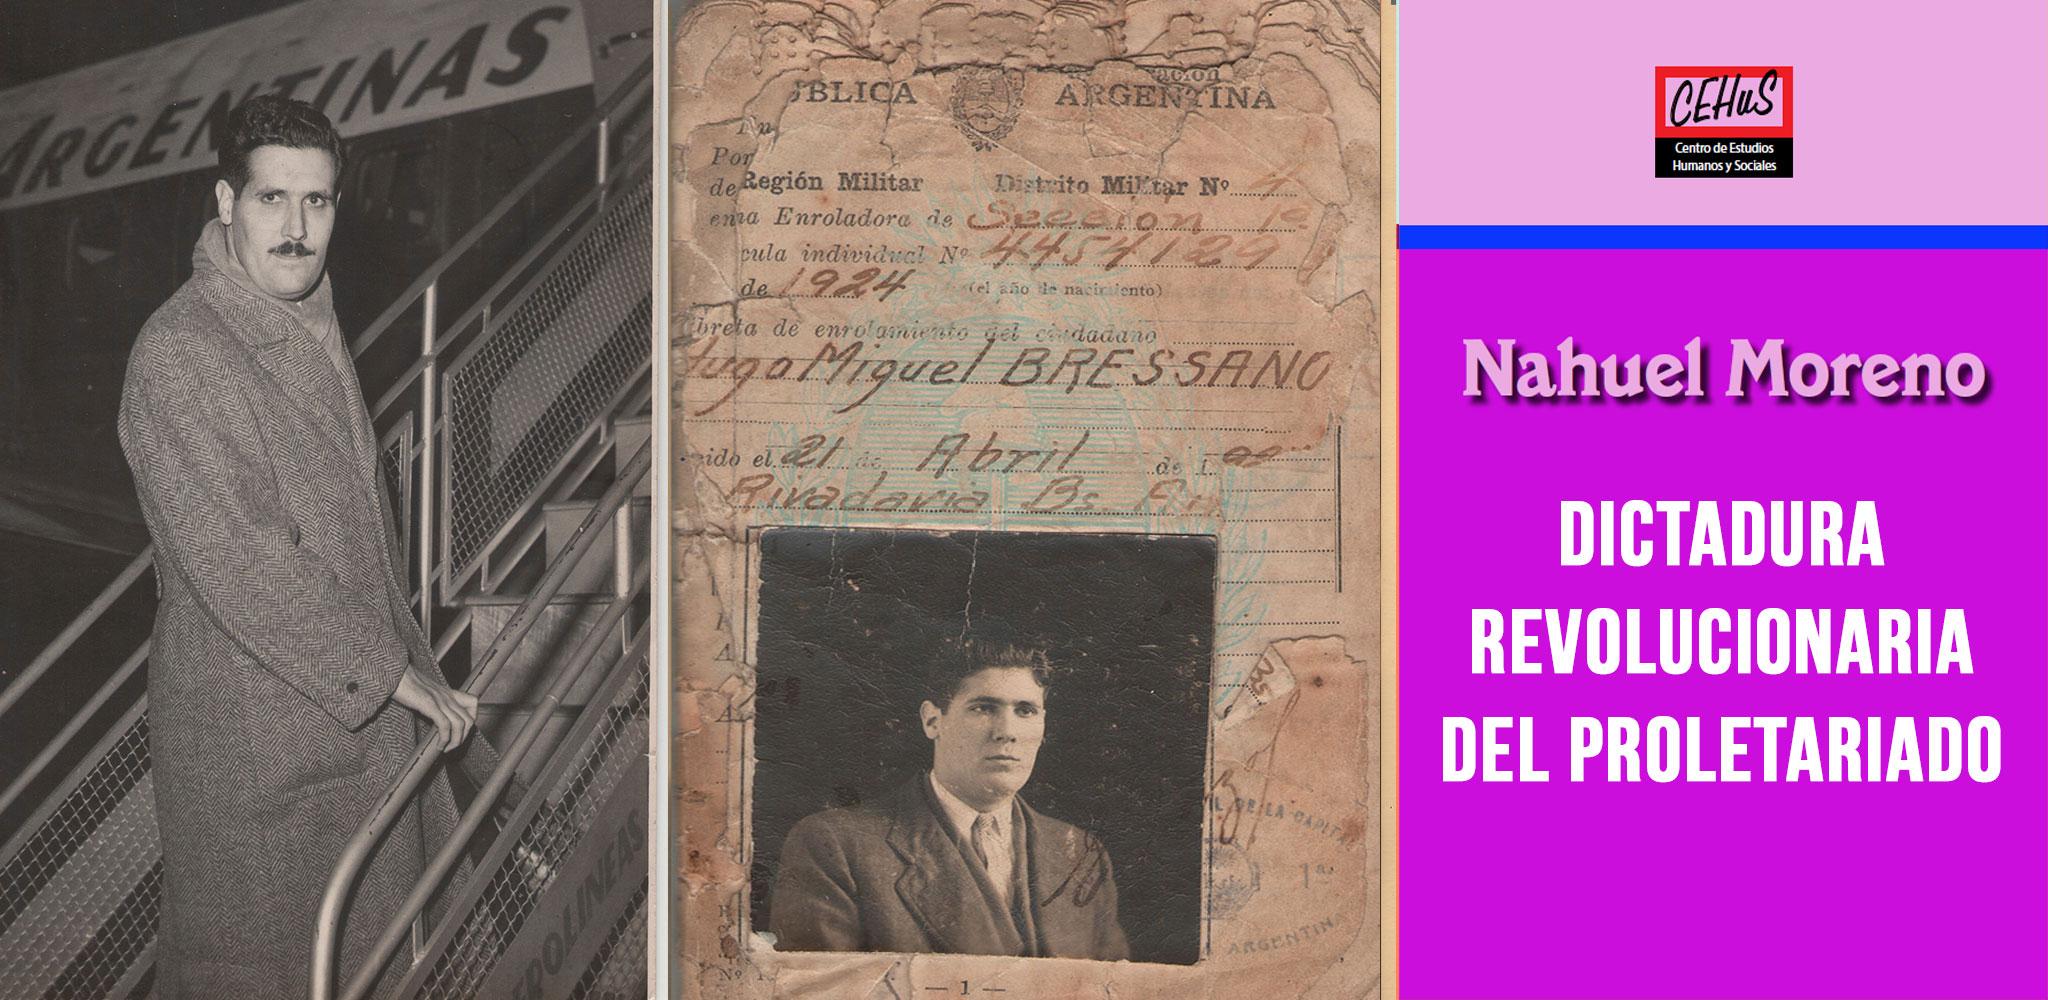 DICTADURA REVOLUCIONARIA DEL PROLETARIADO (1978)